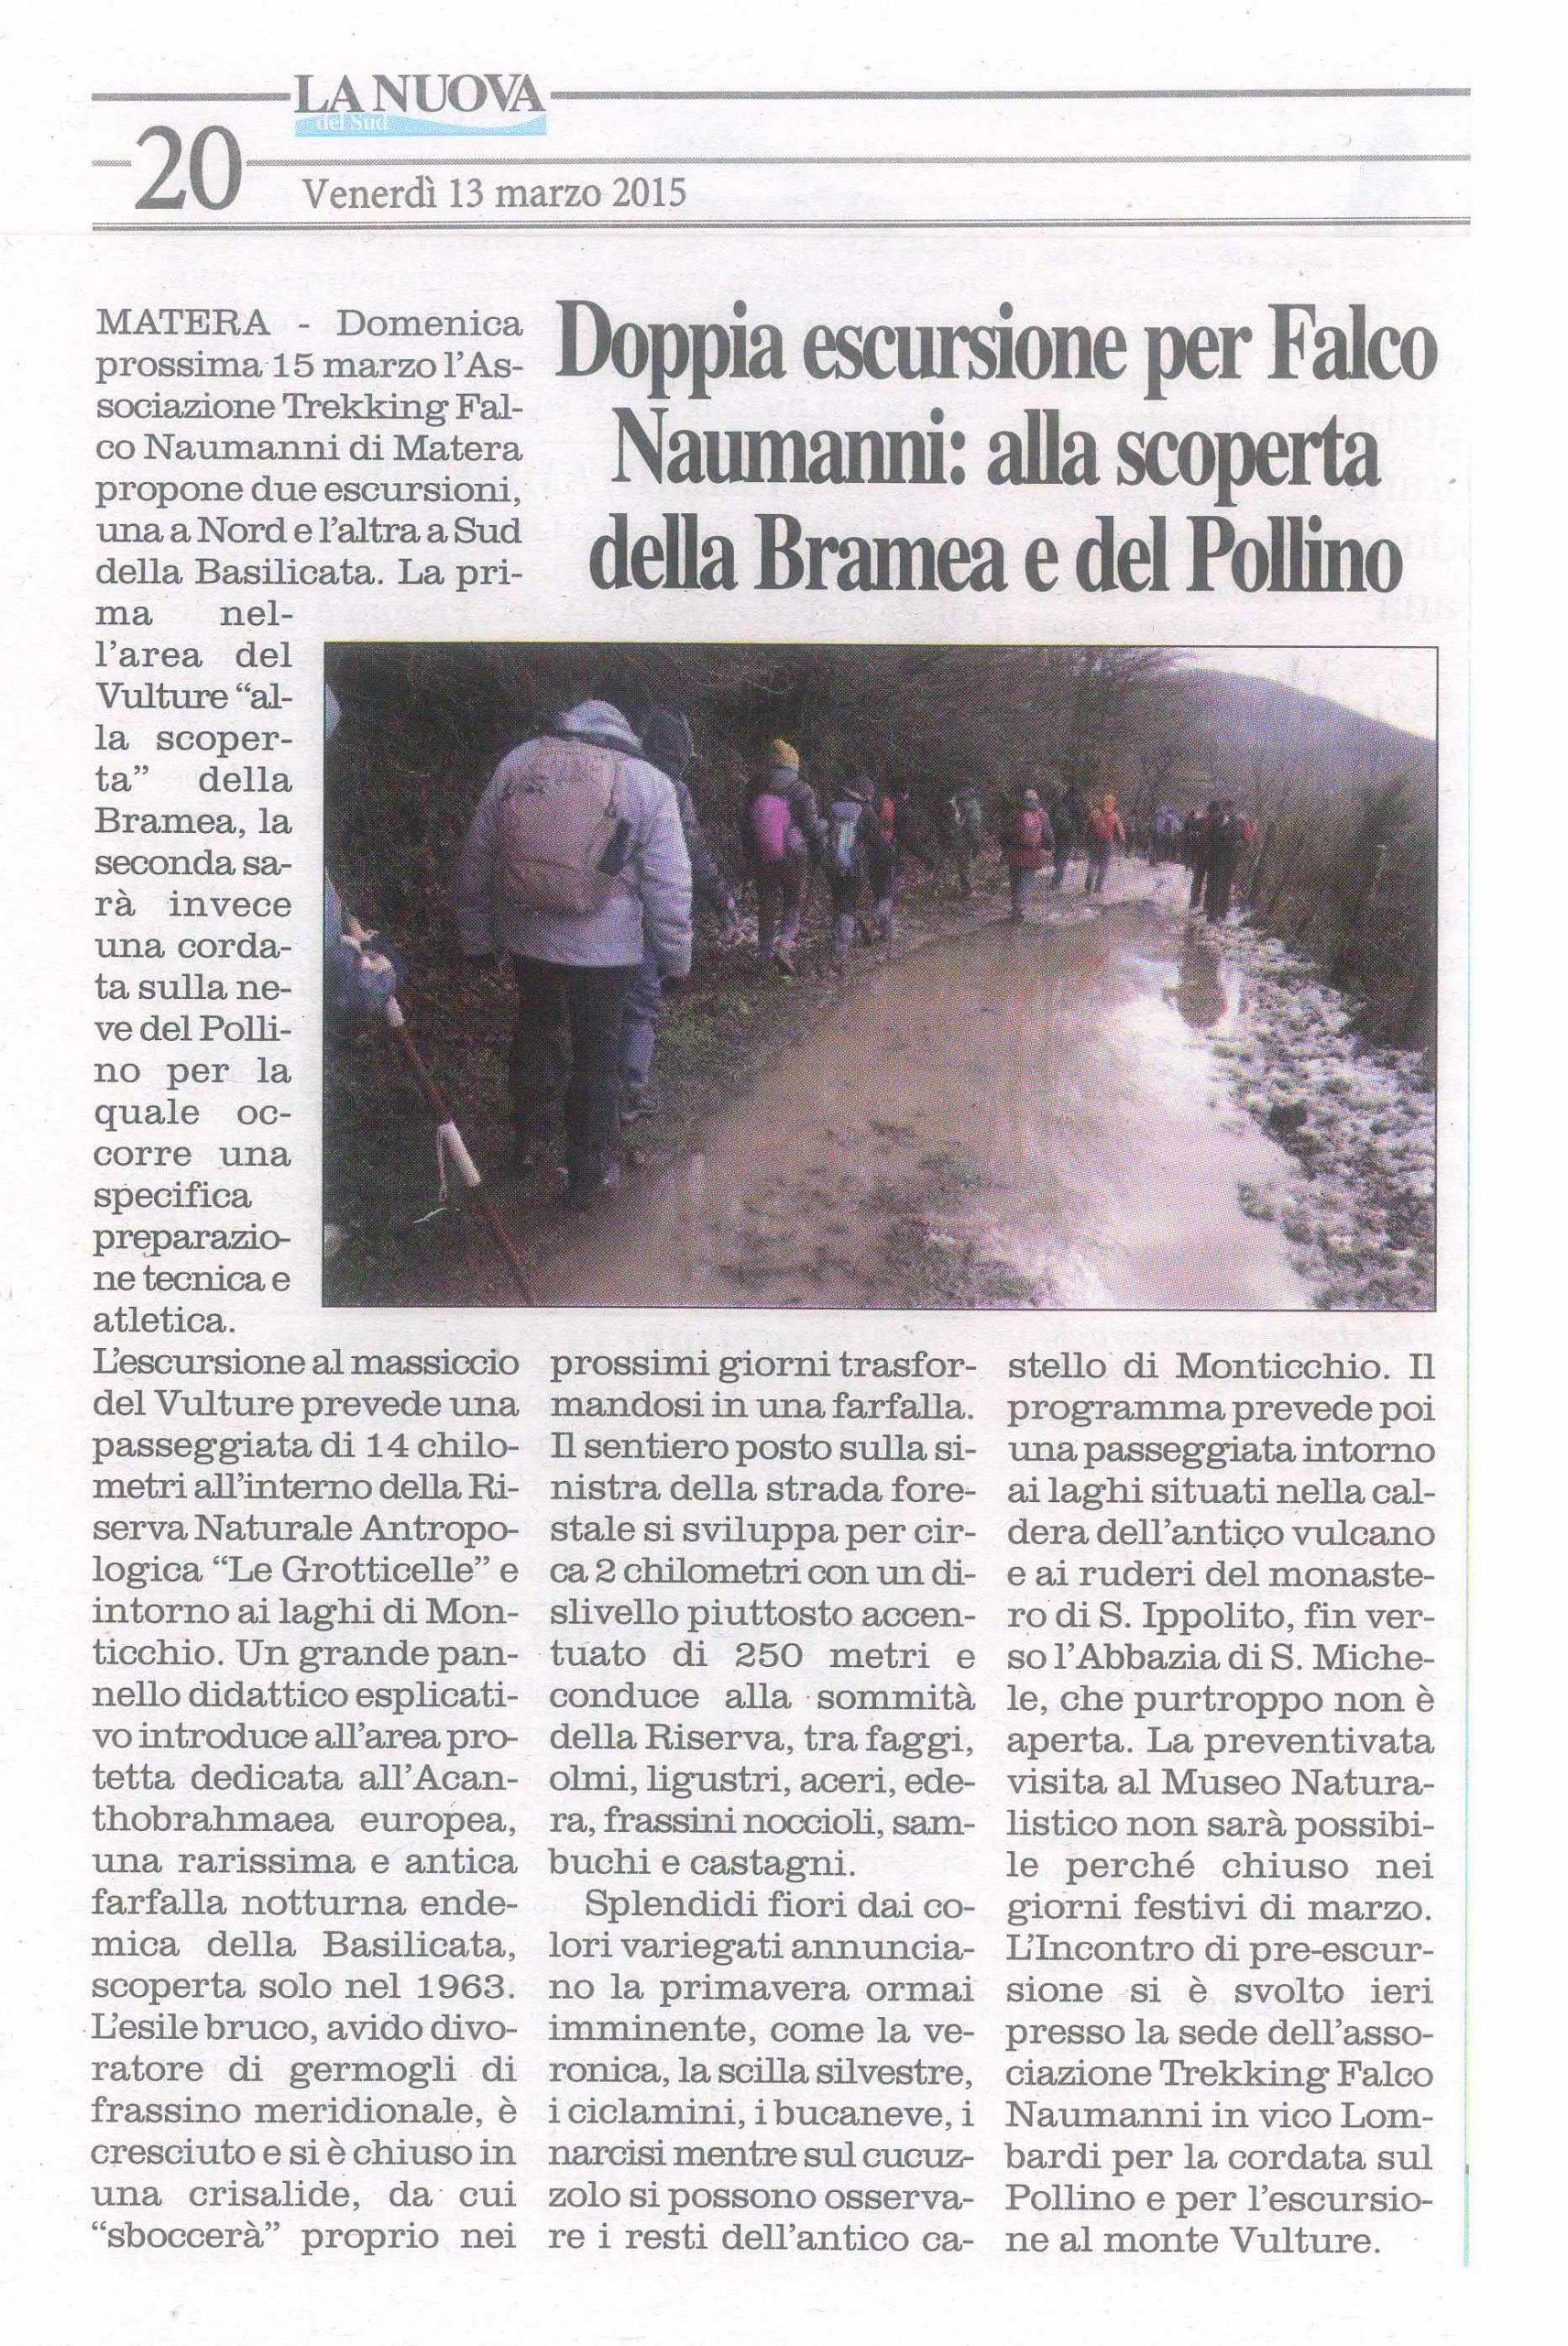 15.03.13 - La Nuova - Bramea